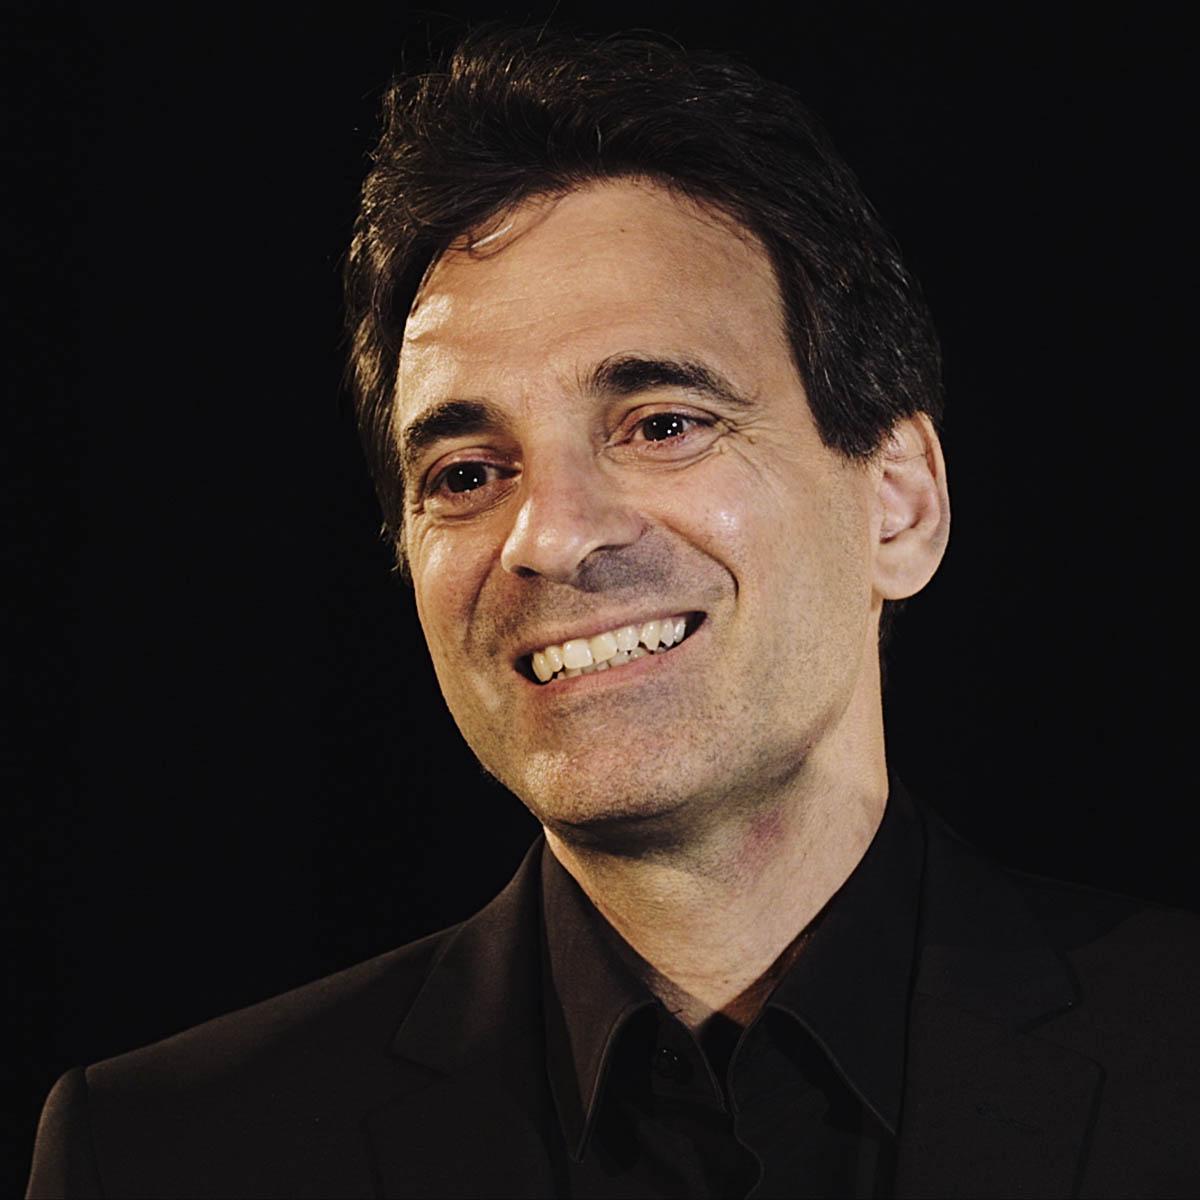 Marco Mandolini